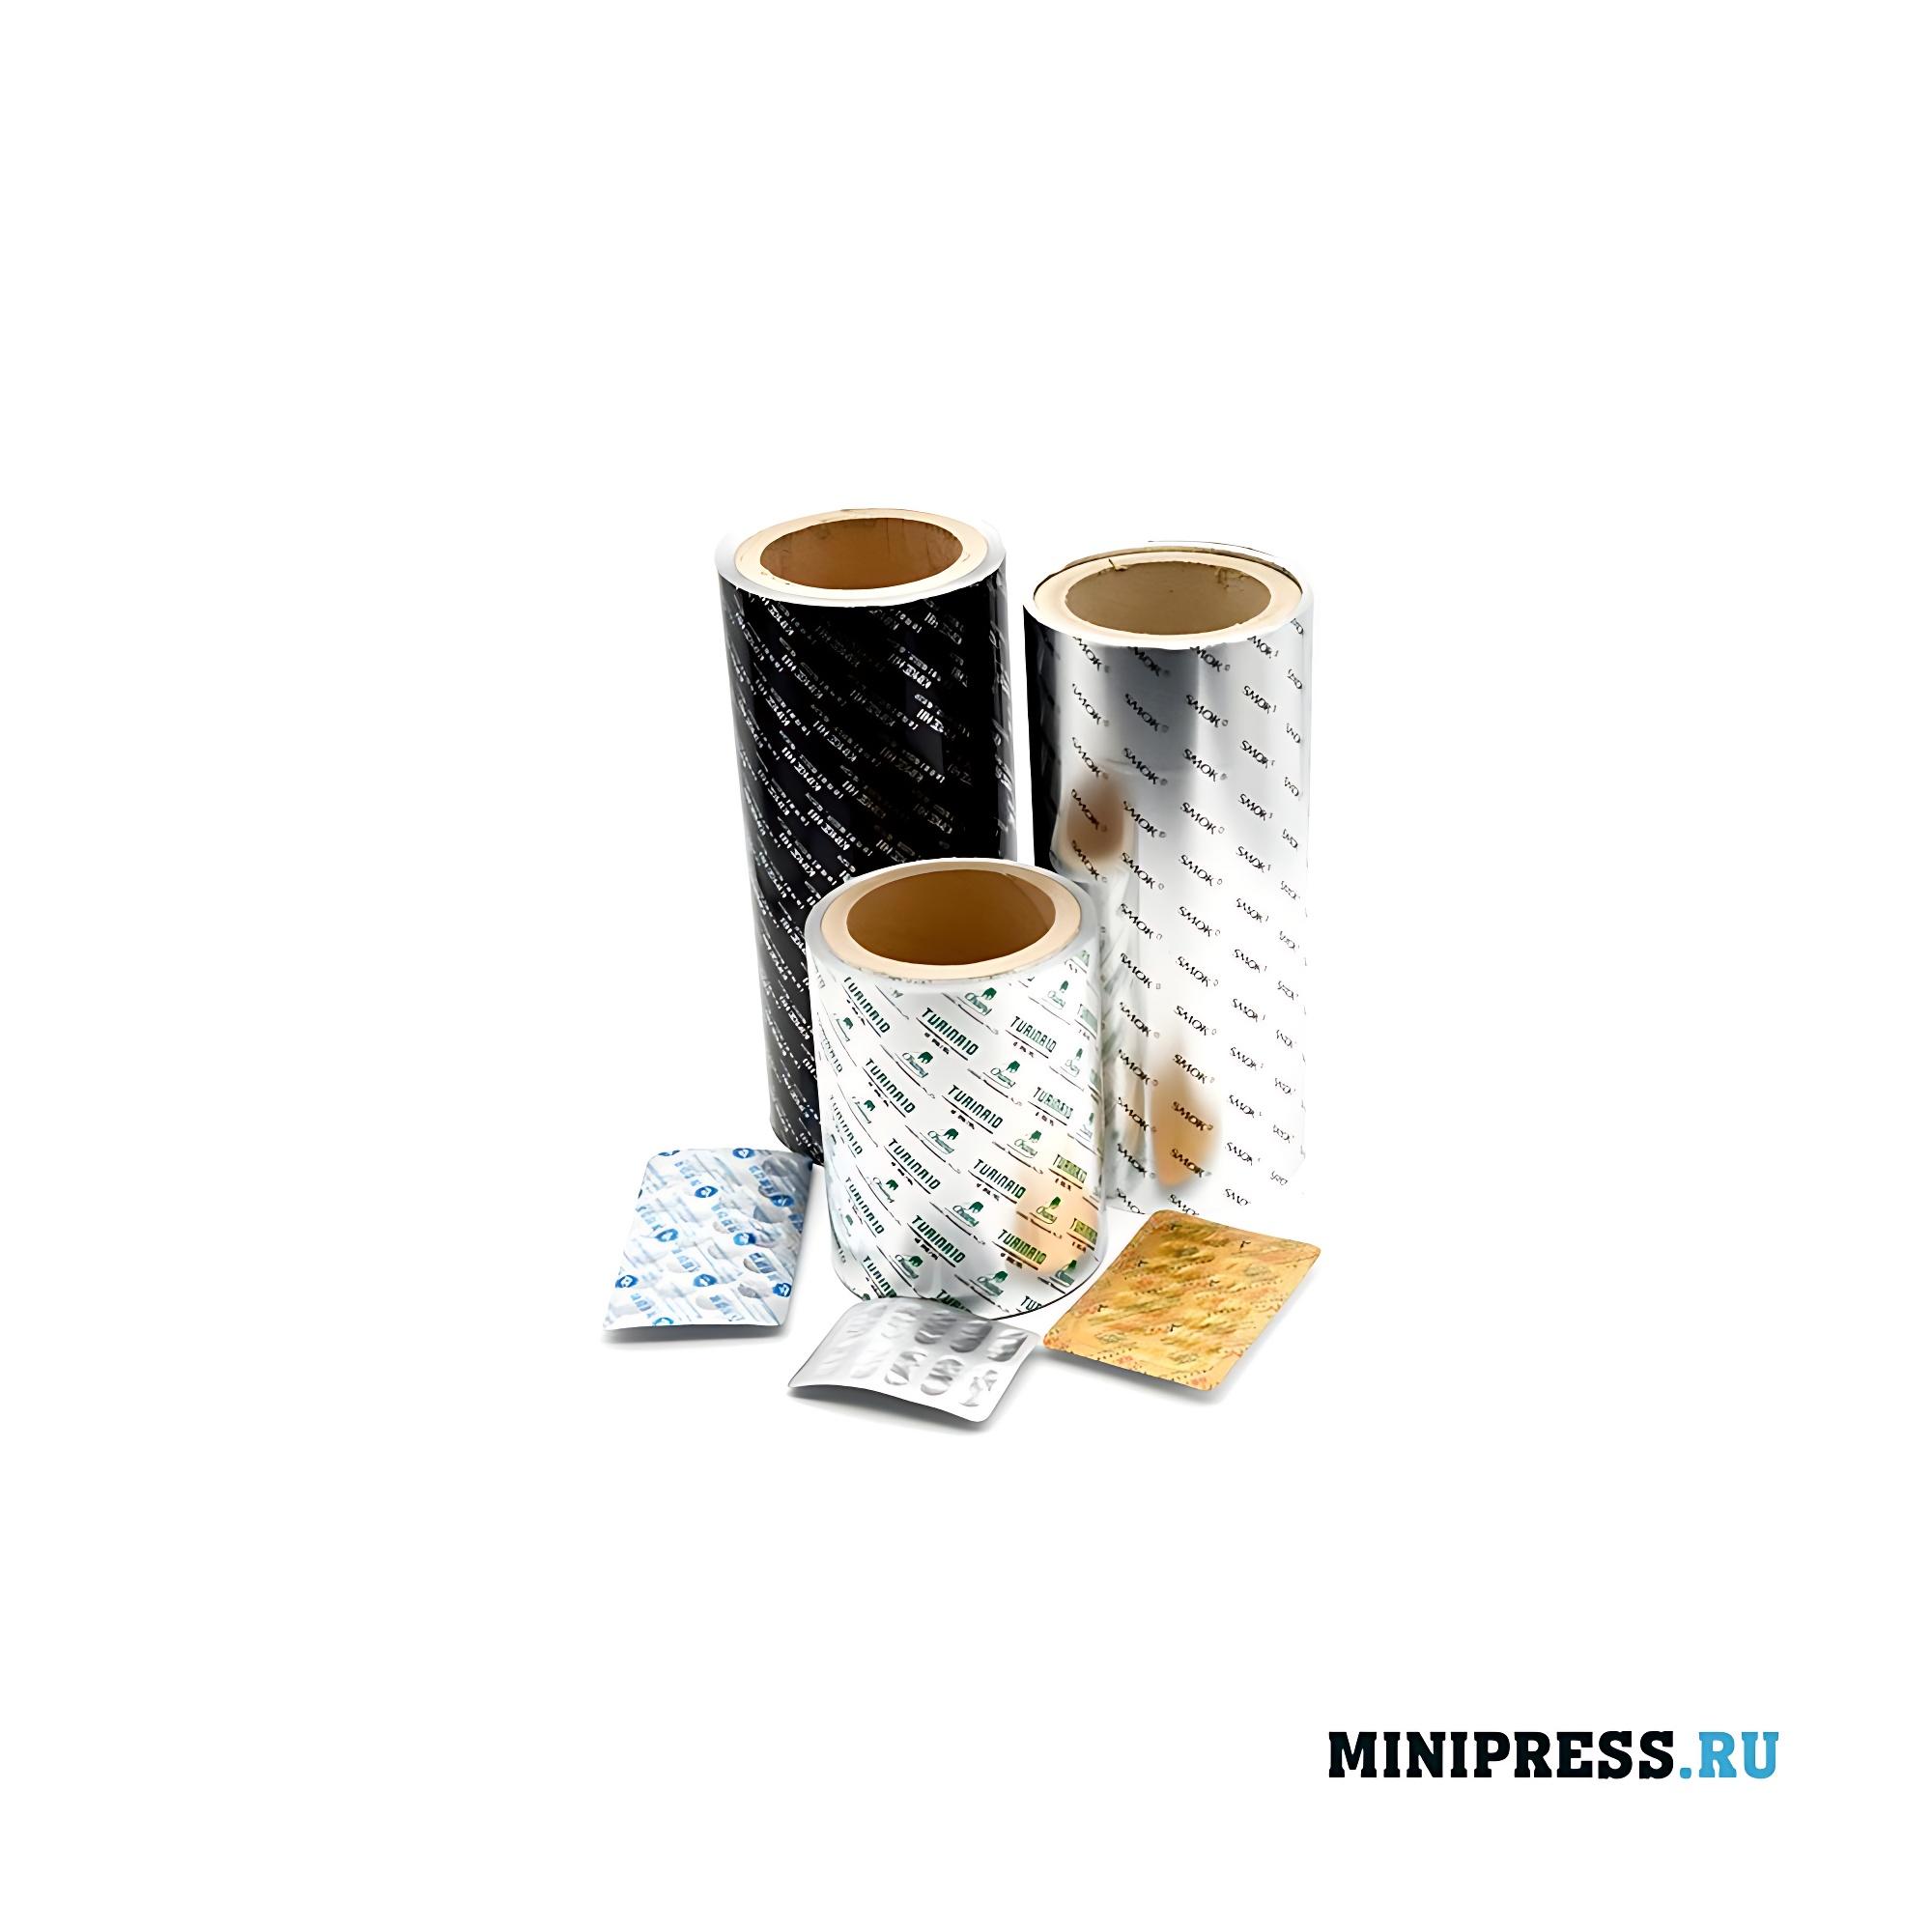 Упаковка таблеток в двойную упаковку из алюминия